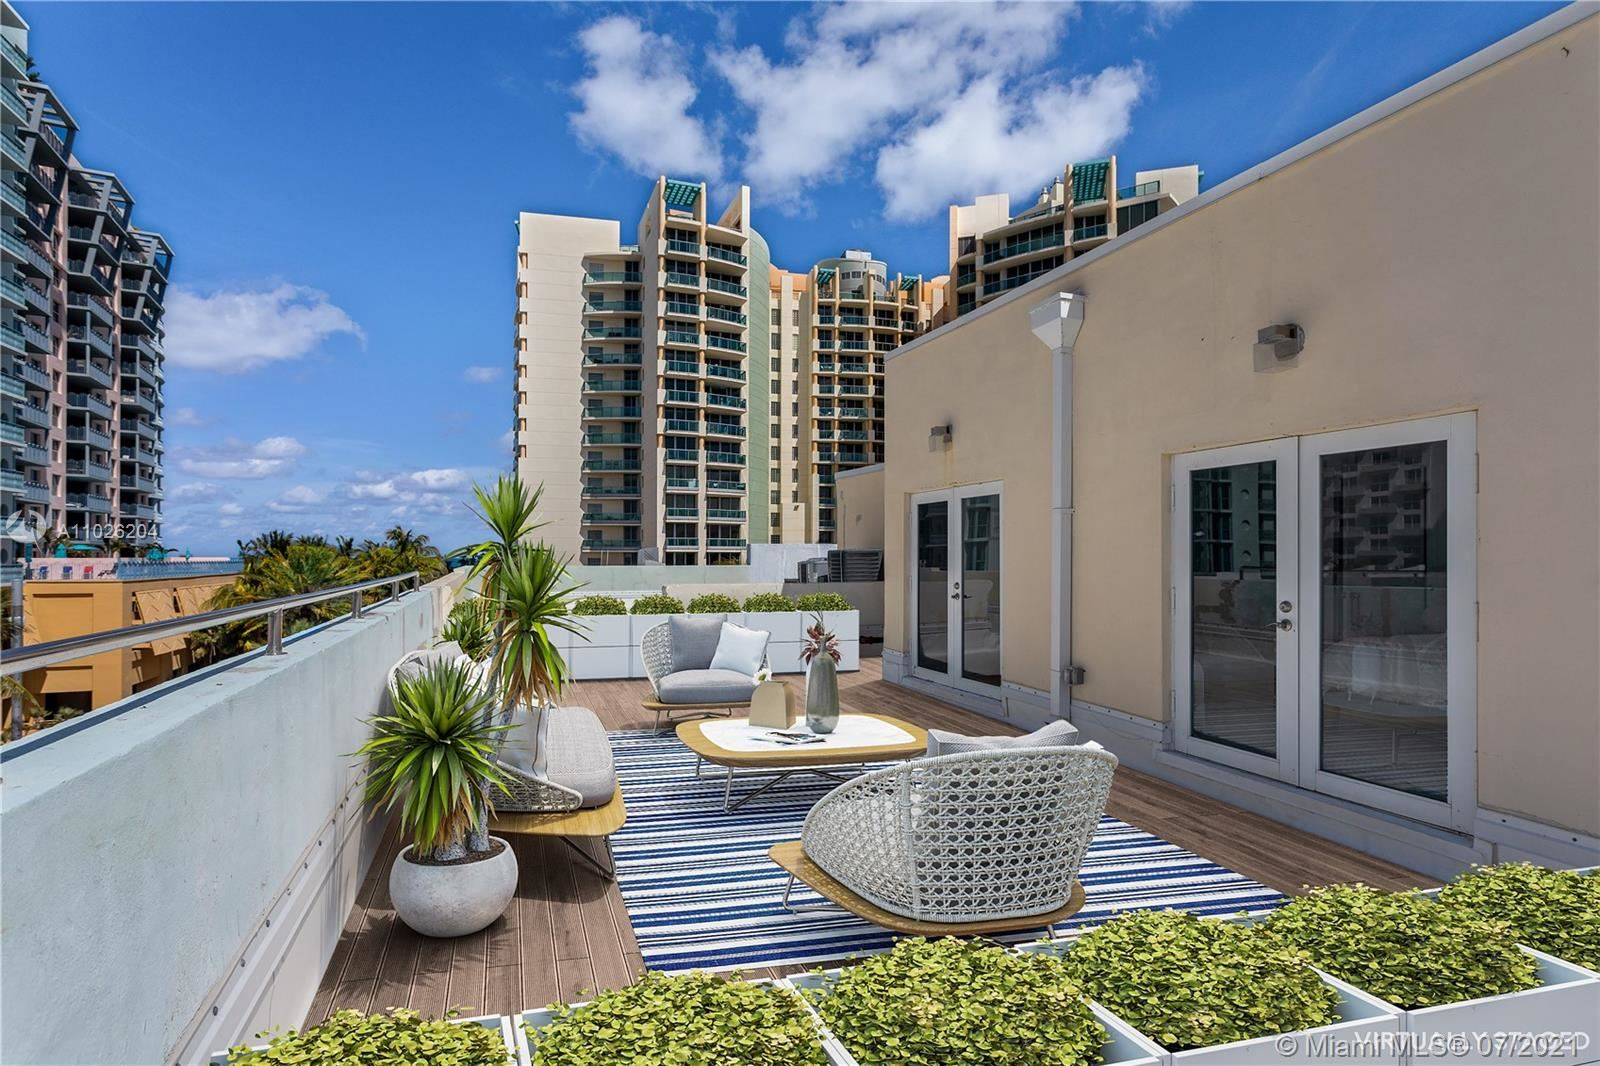 1460 Ocean Dr #506, Miami Beach, FL 33139 - #: A11026204